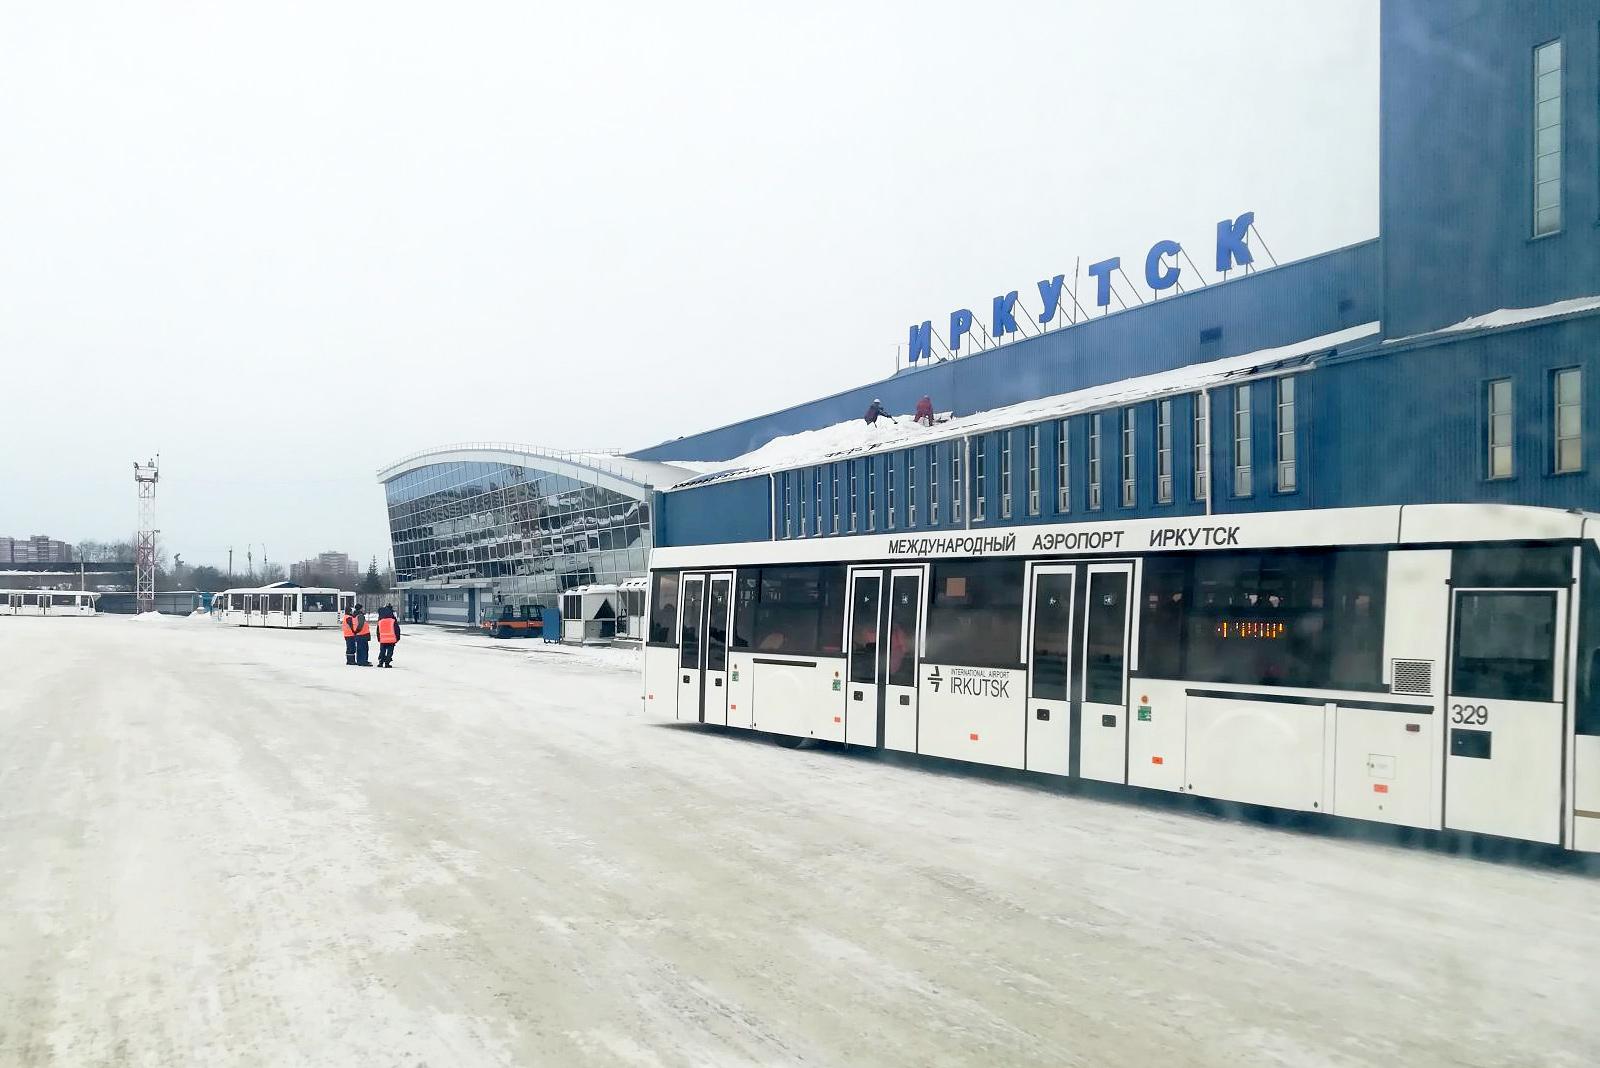 Вид с перрона на пассажирский терминал аэропорта Иркутск